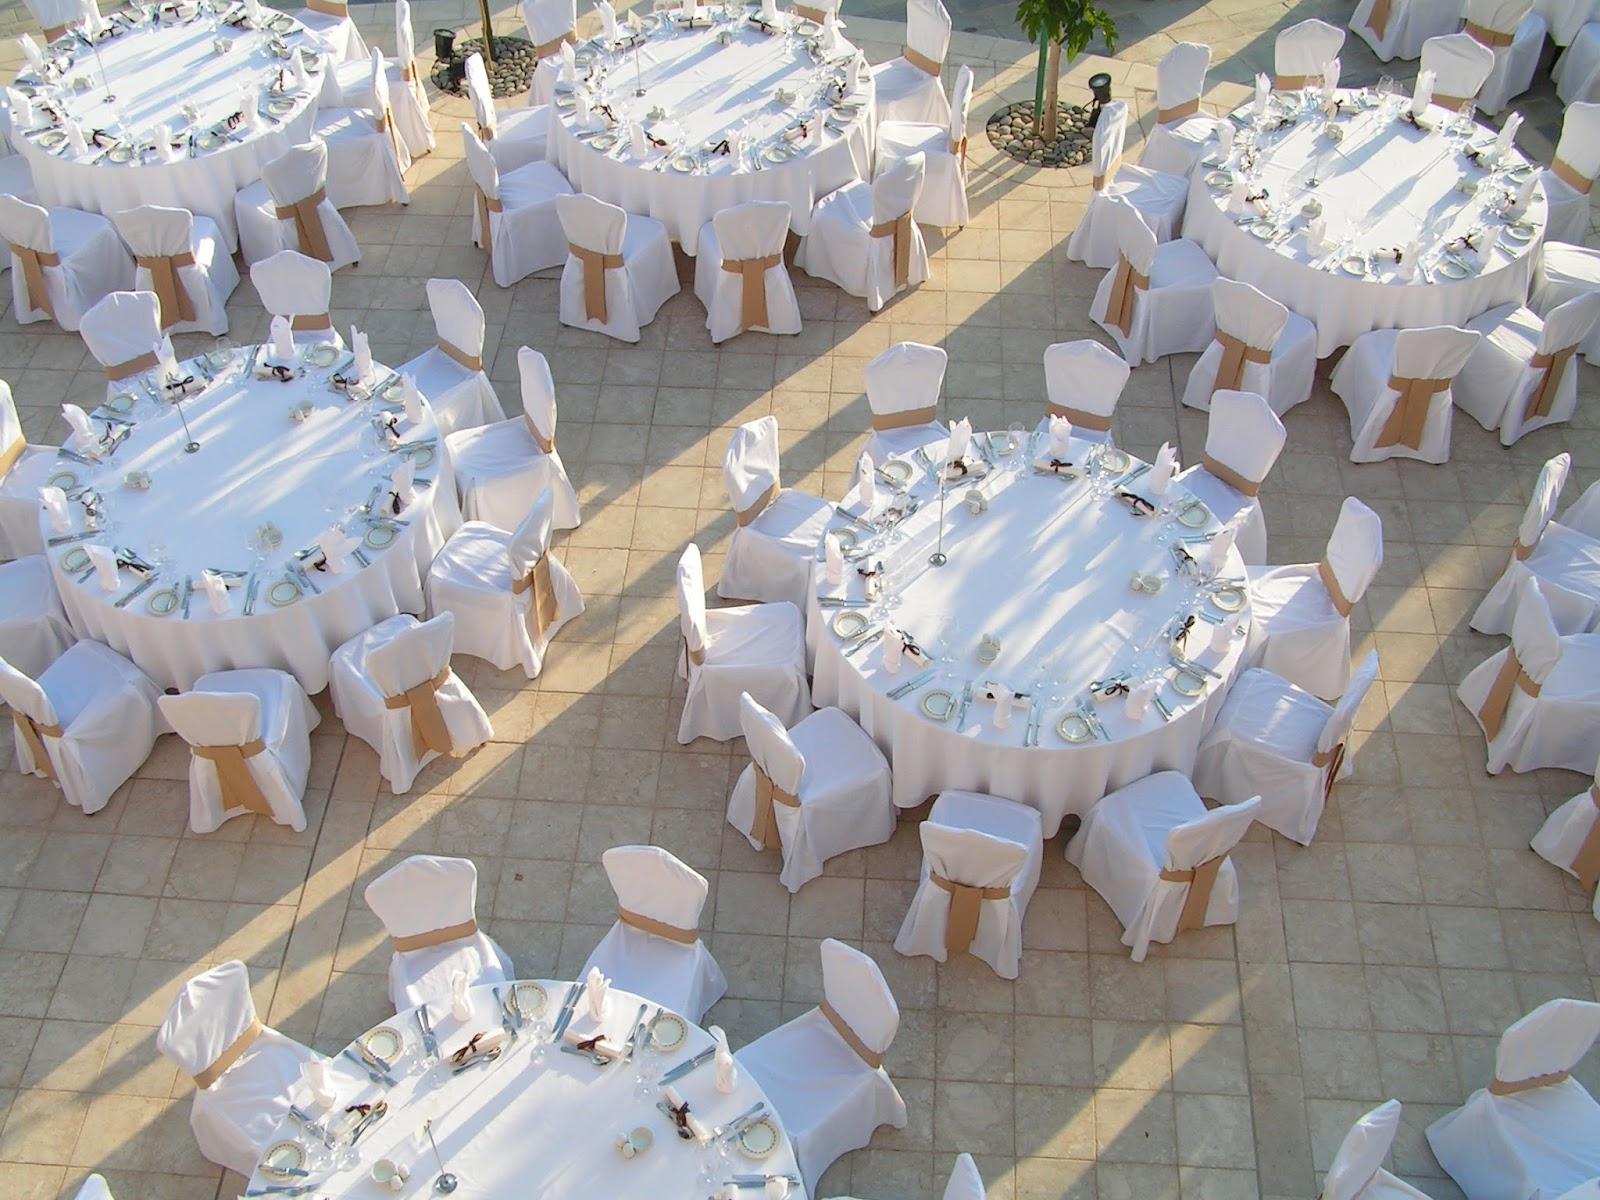 podis celebrarlo en un restaurante en una finca o en un saln de banquetes y por supuesto lo podis hacer en casa siempre que los invitados sean